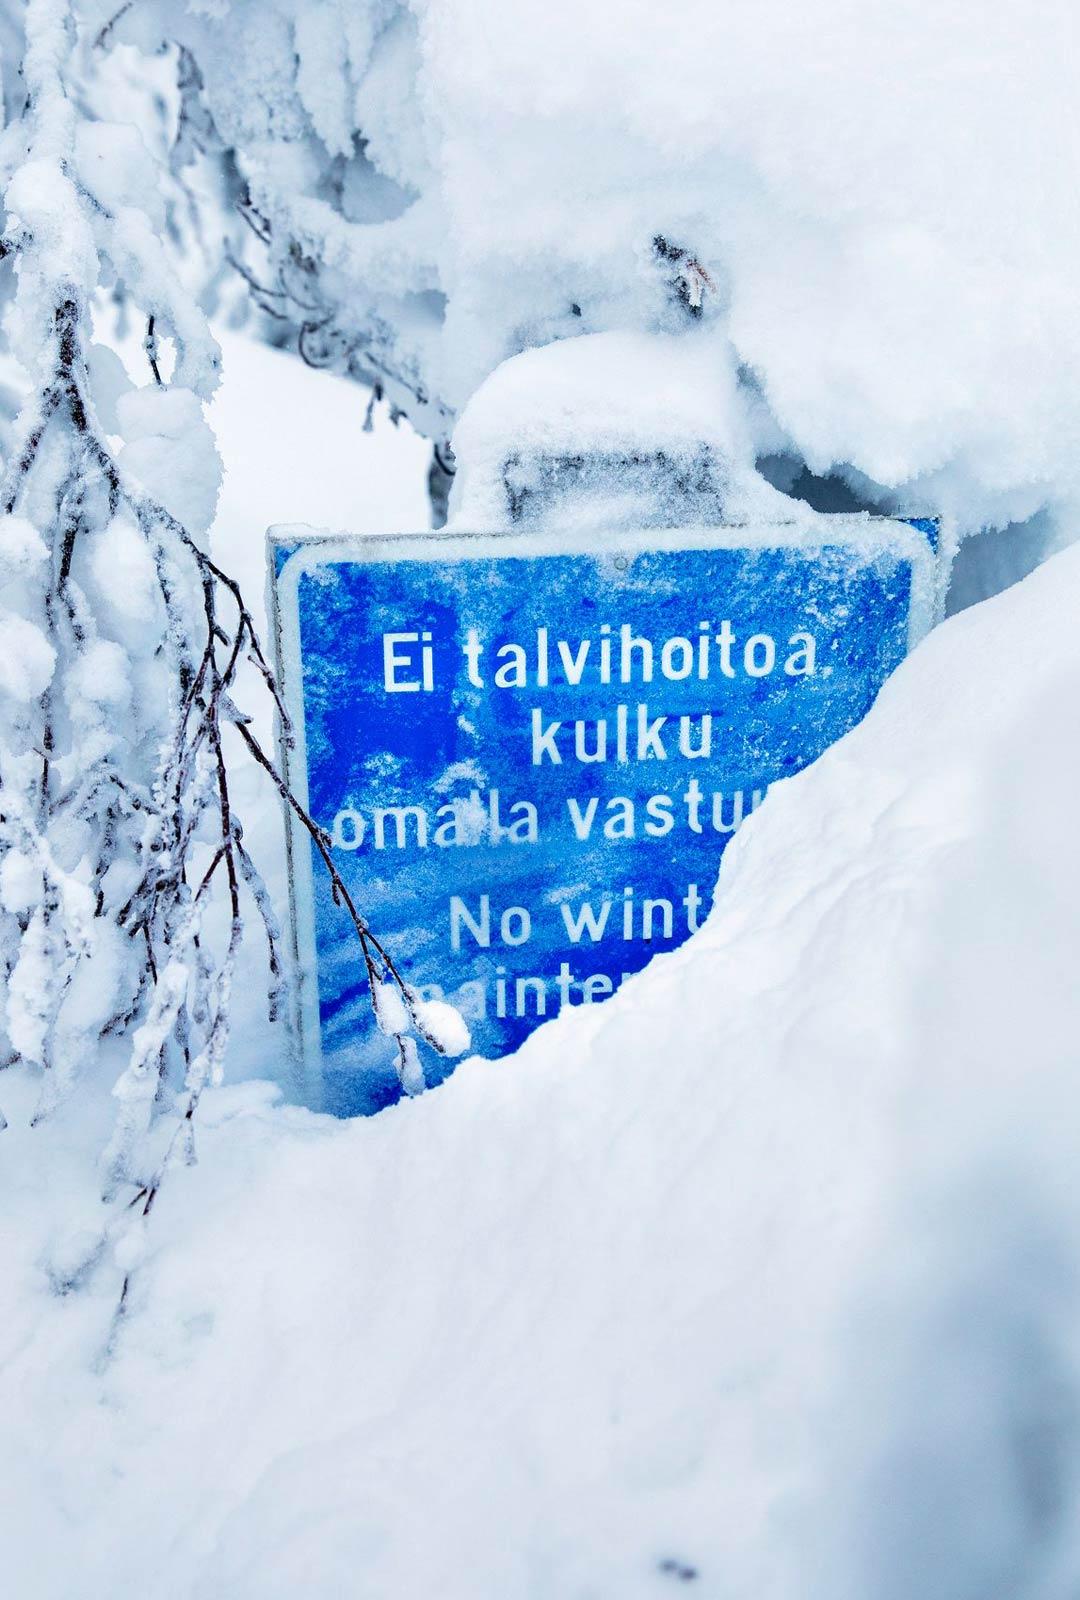 Lumikengät ovat paras tapa tutustua talviseen Kolin kansallispuistoon, sillä alle kilometrin reitti Ukko-Kolille on ainoa talvikävelyreitti.